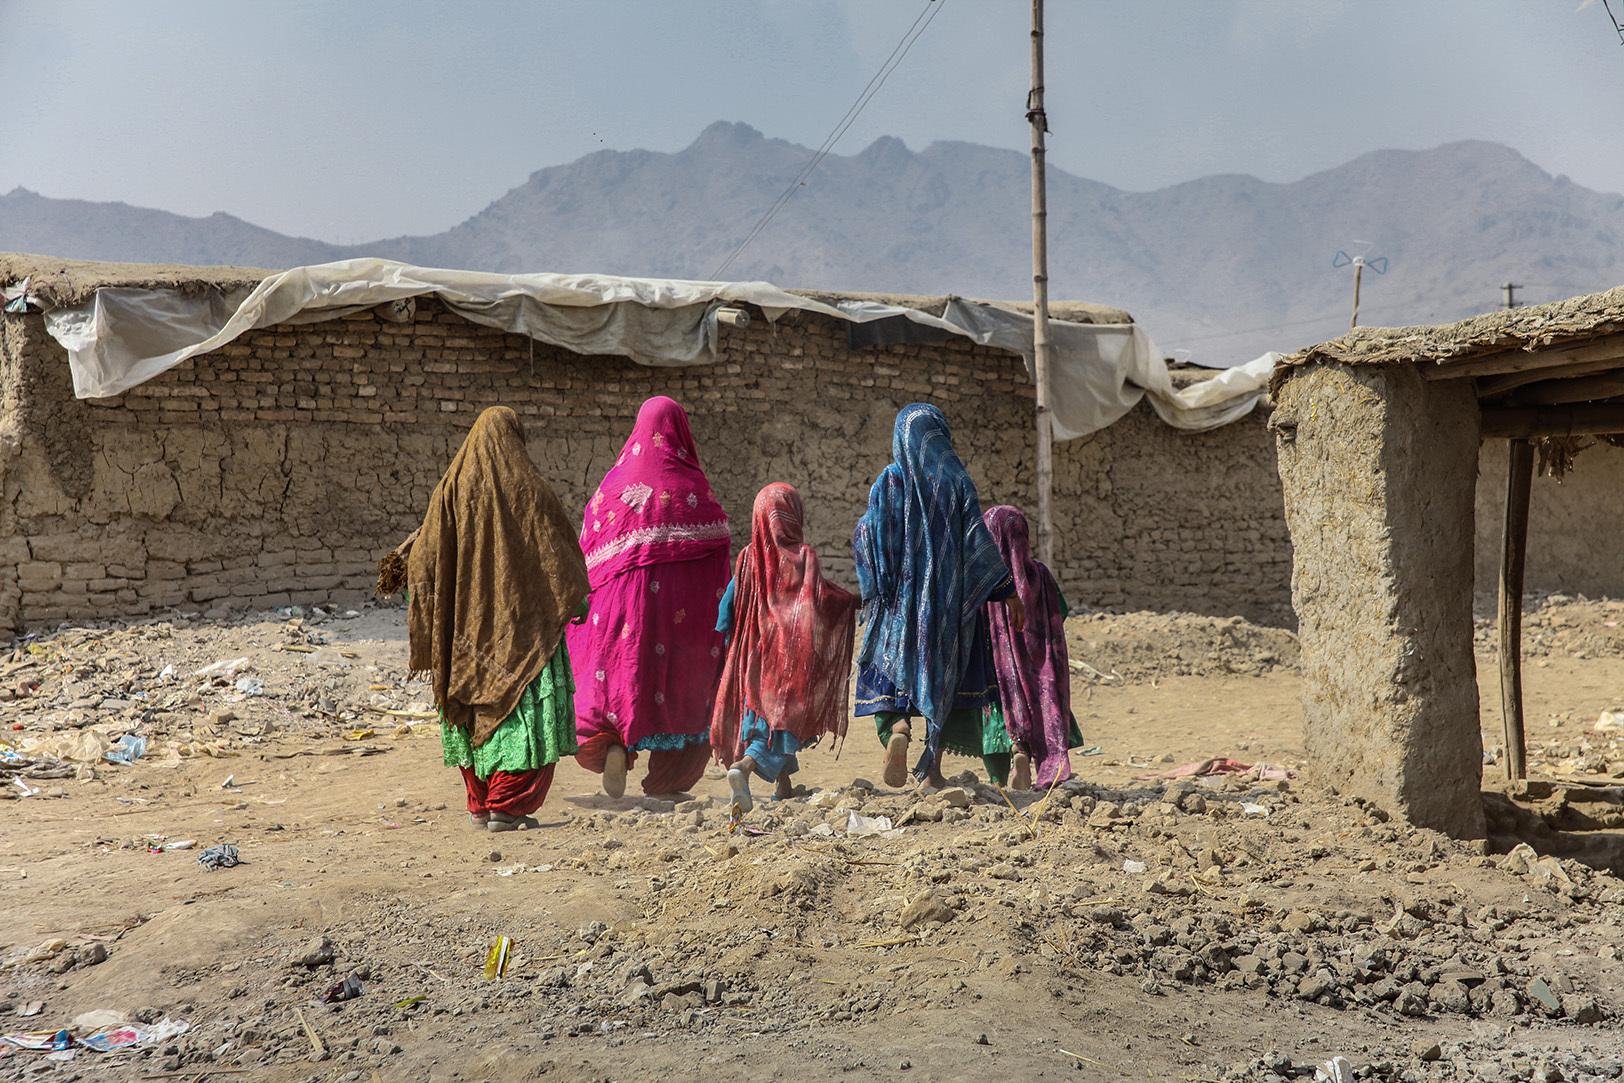 Five sisters walking in a slum in Kabul